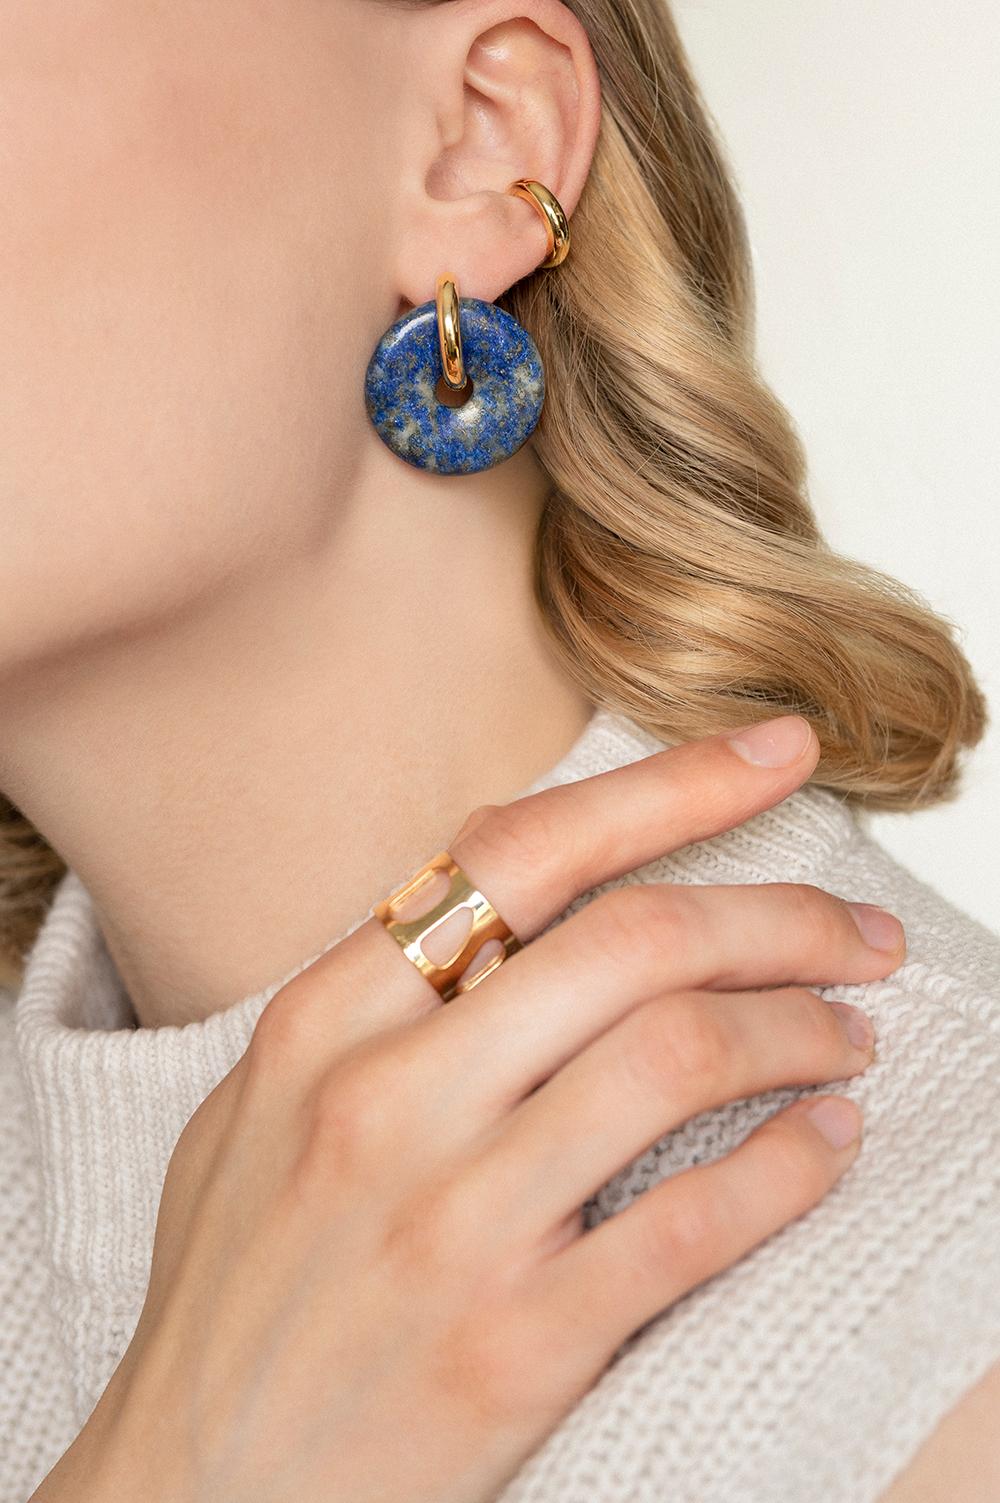 einzigartige Ohrringe mit Steinen in limitierter Auflage Madeleine Issing_2